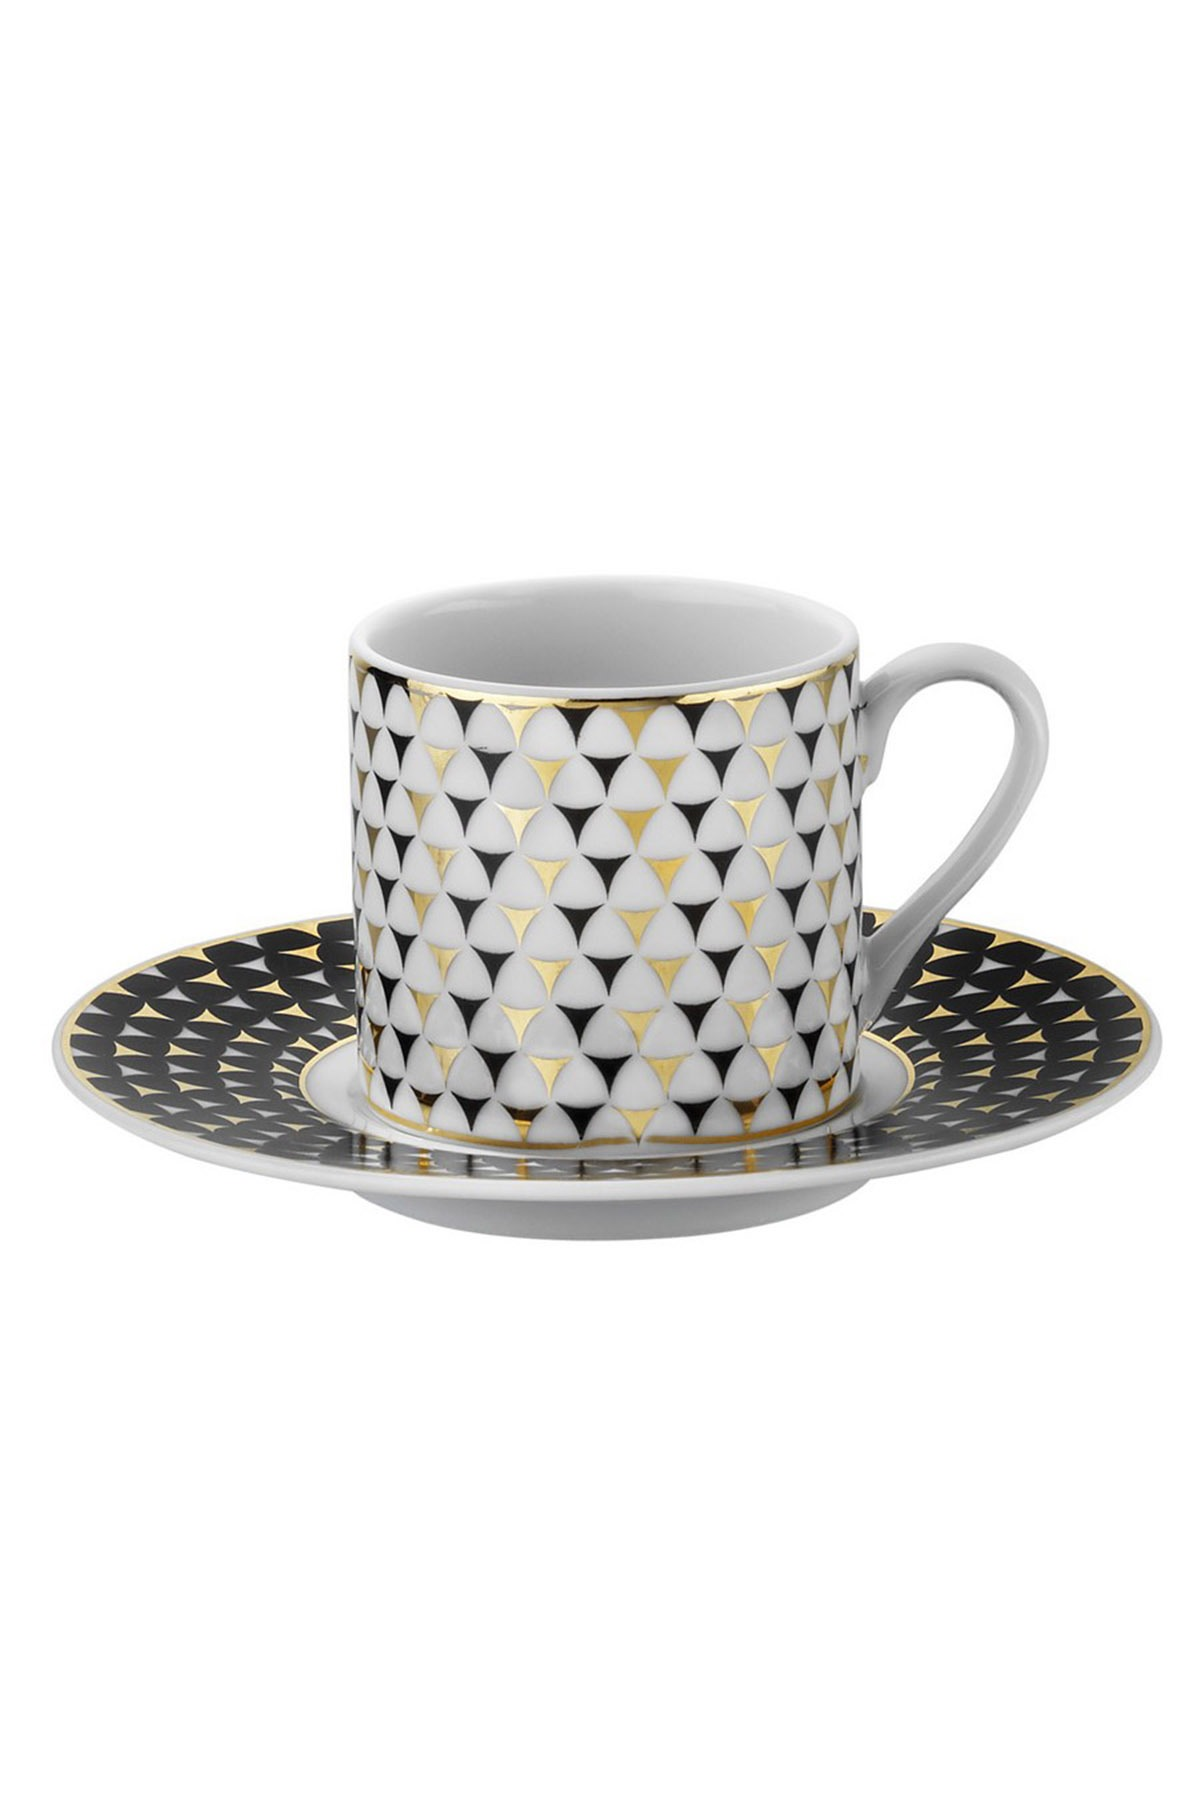 Kütahya Porselen - Kütahya Porselen Rüya 775112 Desen Kahve Fincan Takımı